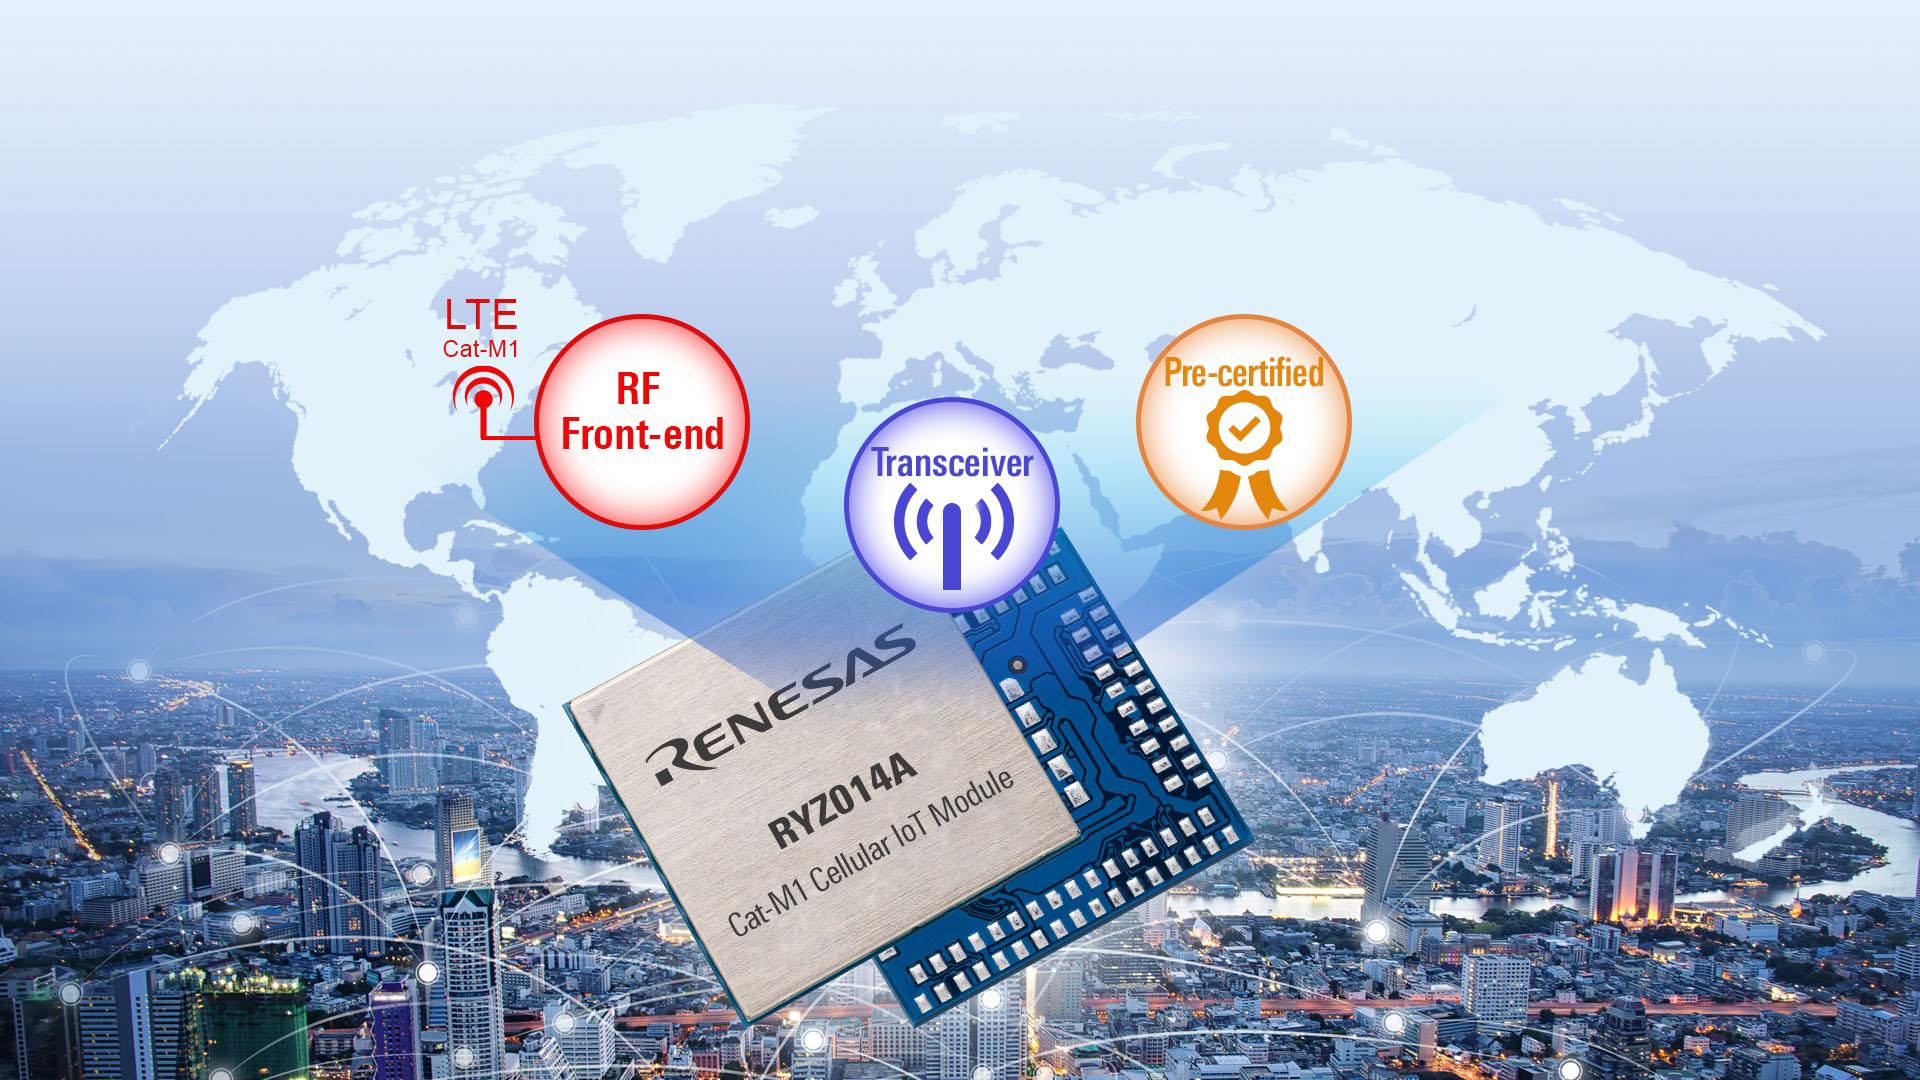 Mobilfunk-IoT-Modul ermöglicht Internetverbindung ohne Gateway